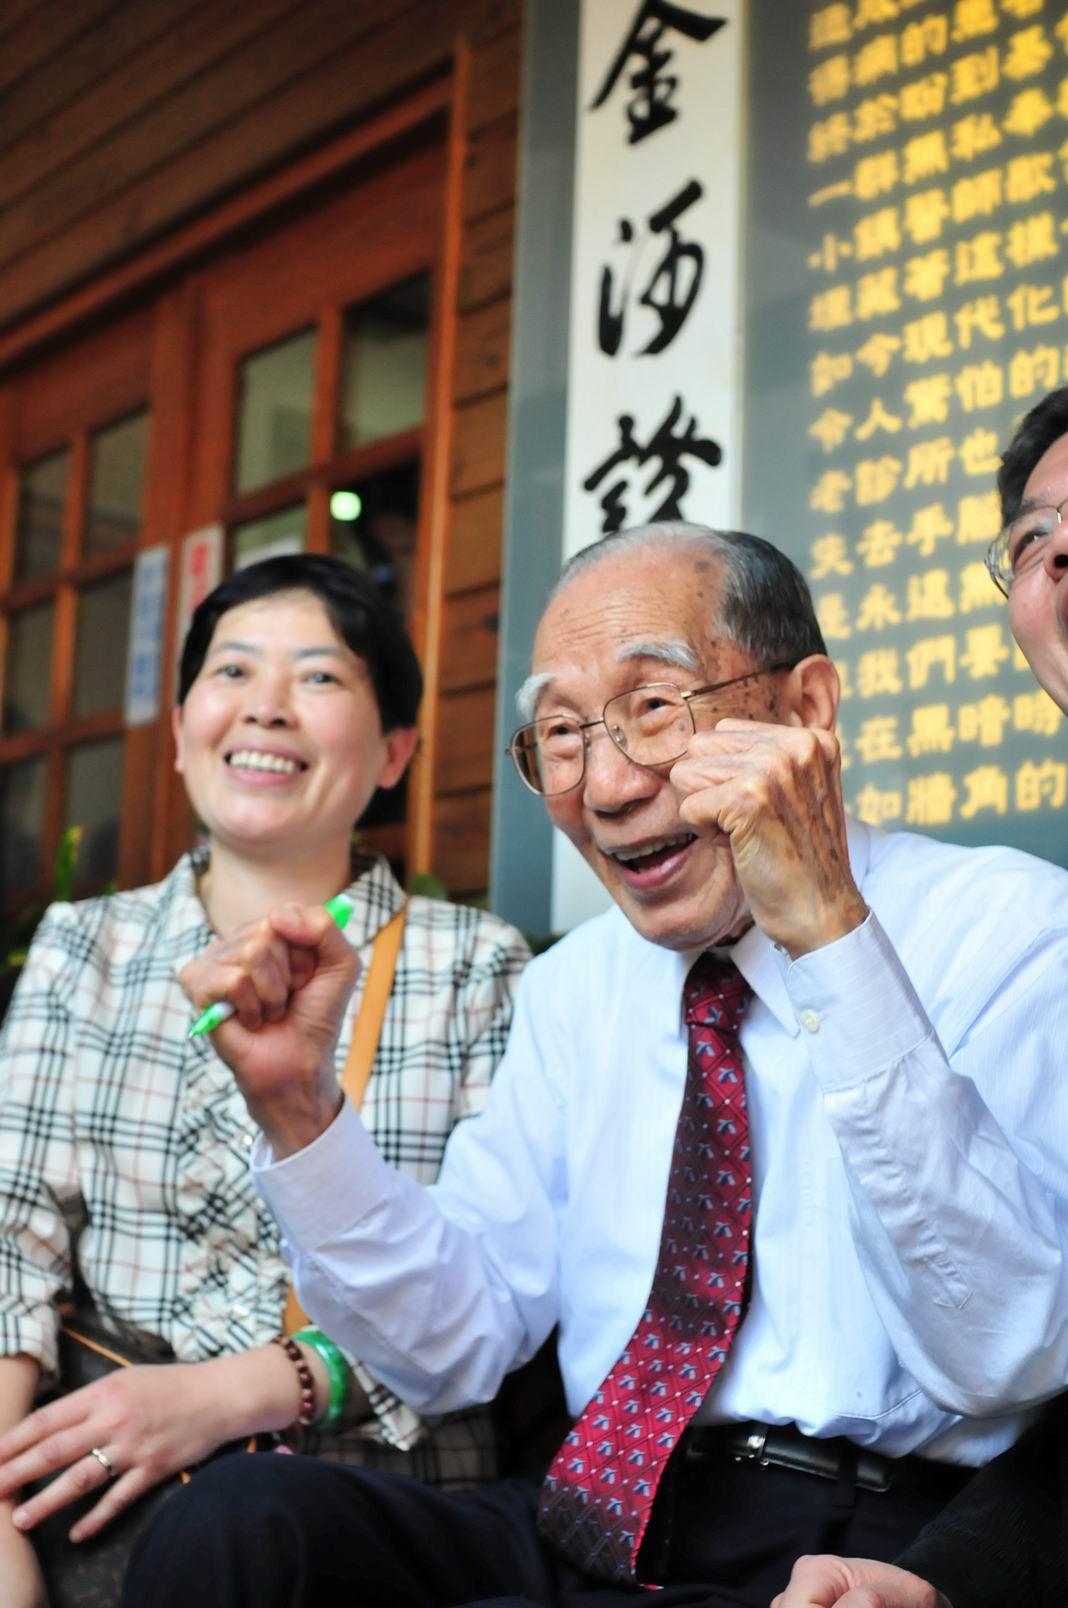 Dr. Wang Jing He